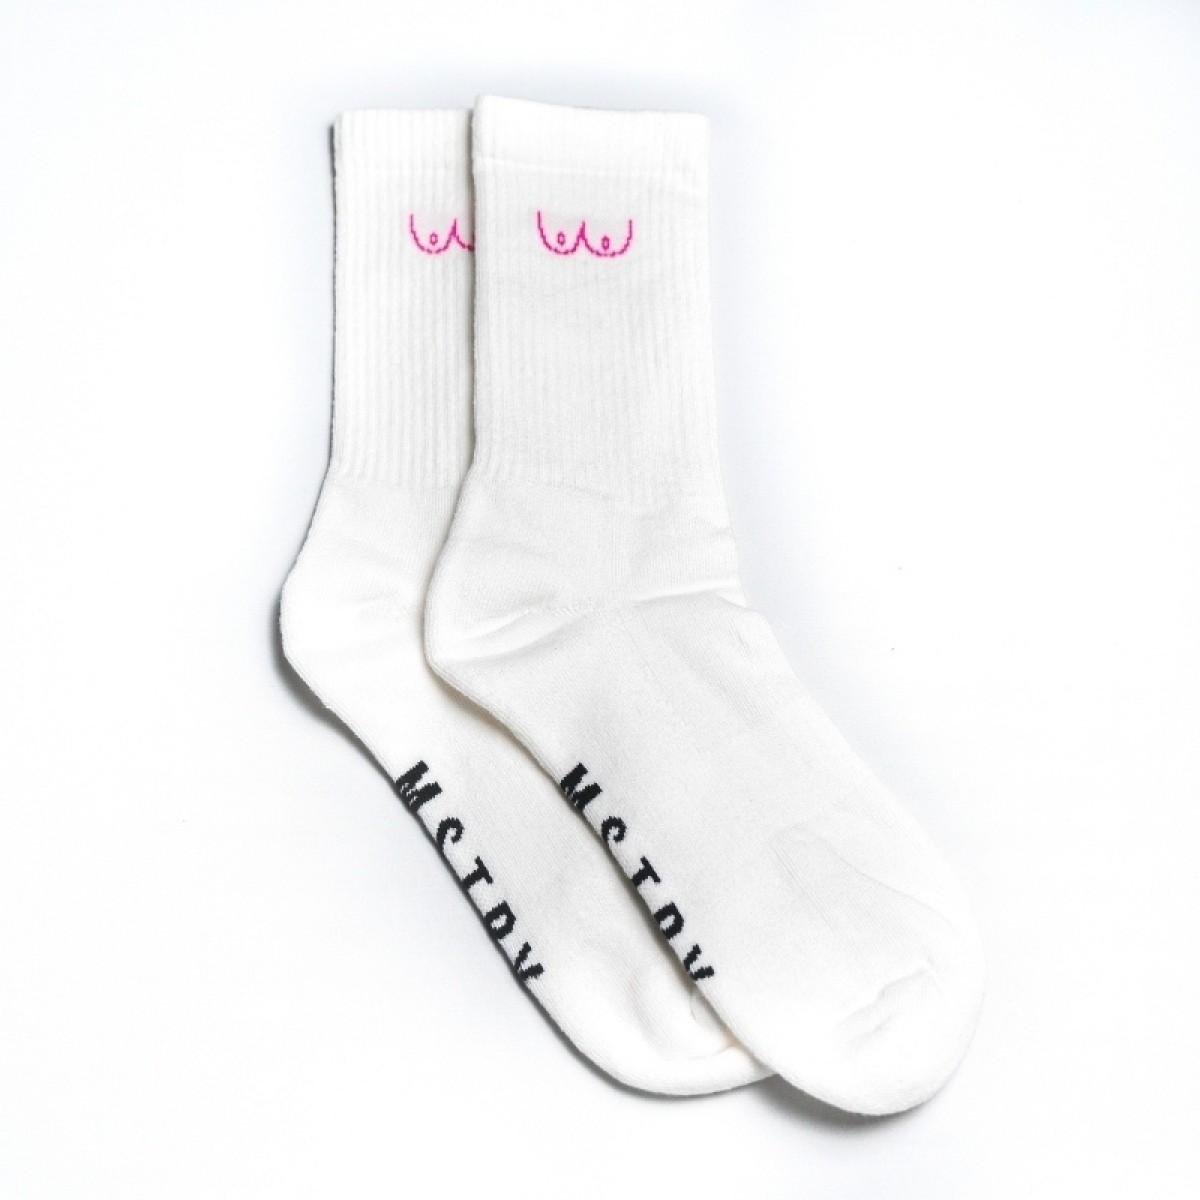 MSTRY Berlin - Boobs Socken